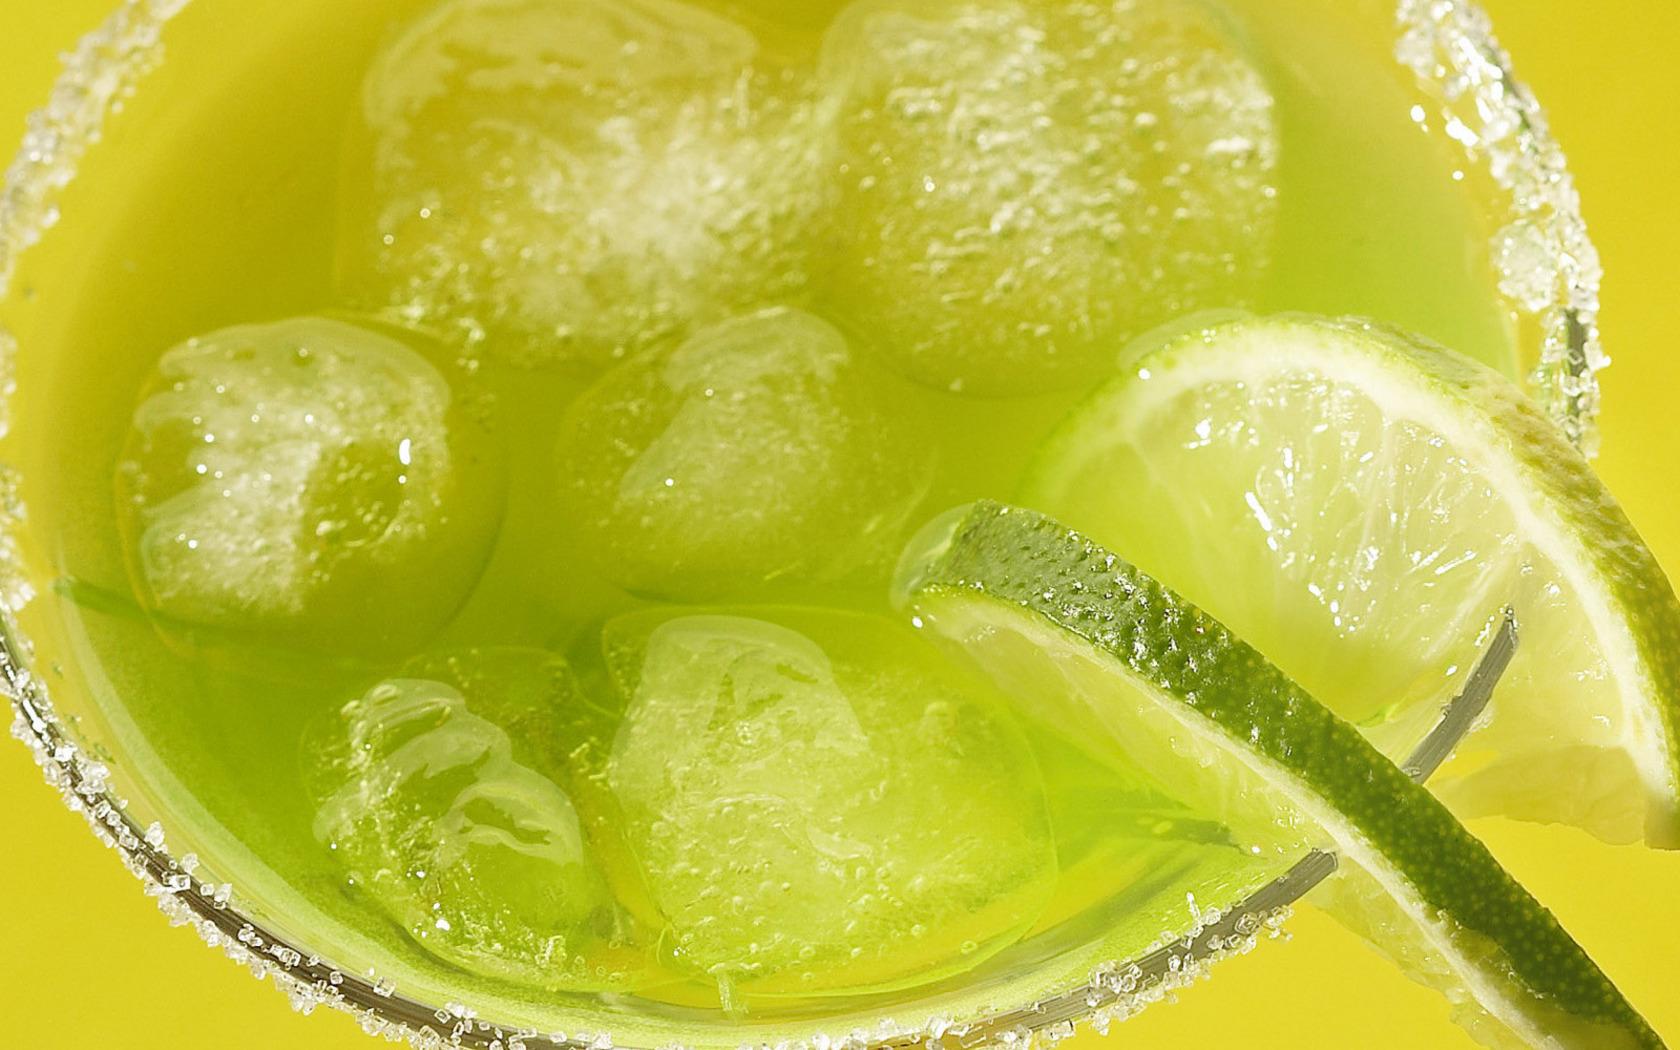 Как сделать лимонад с лаймом и лимоном